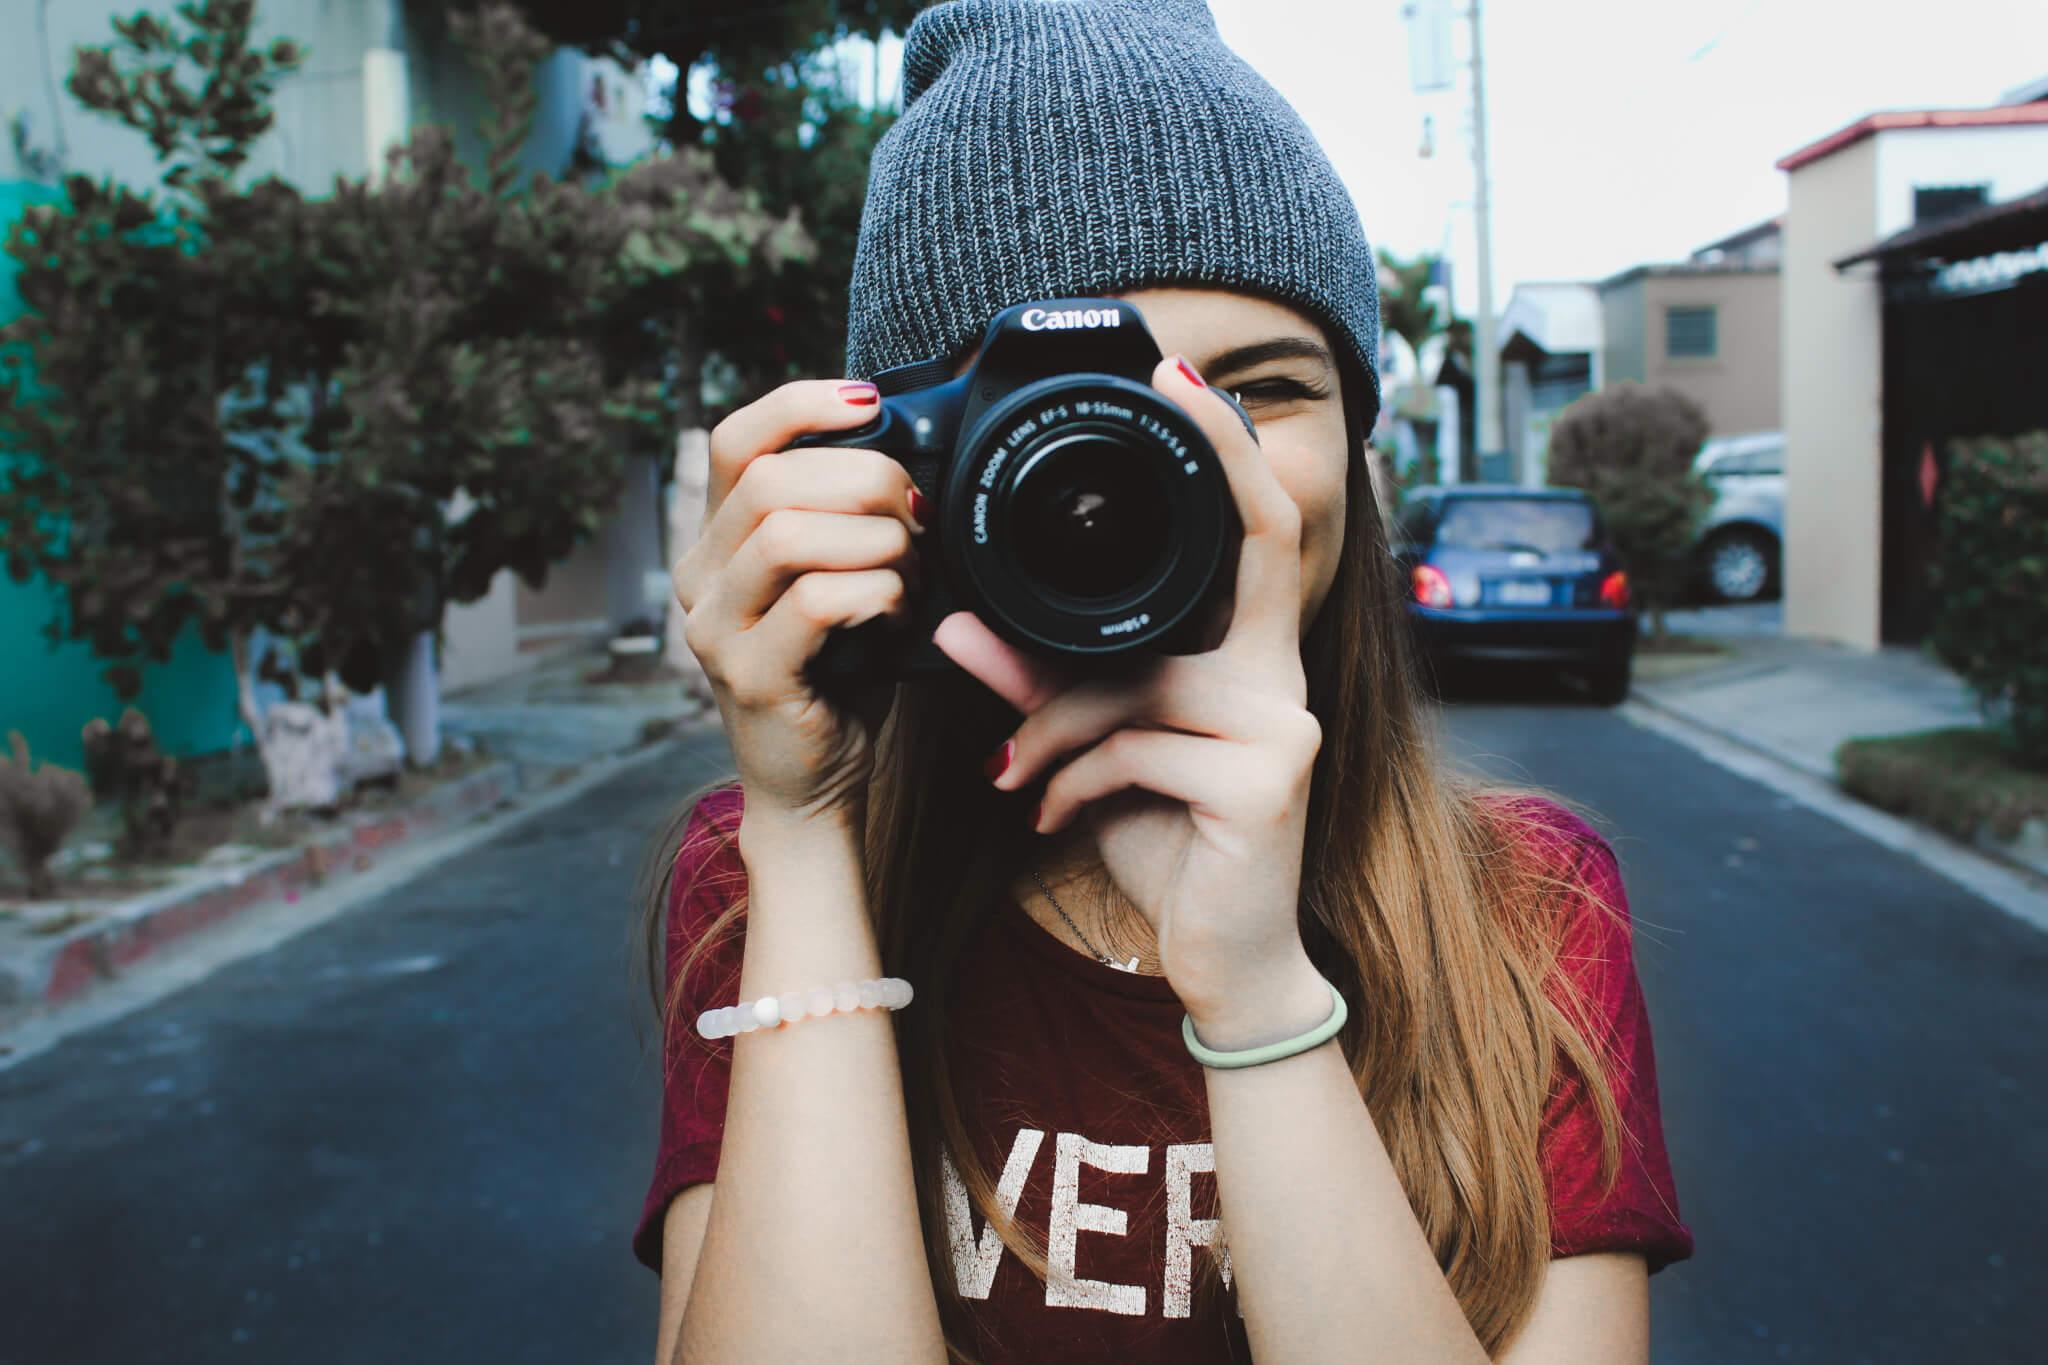 【初心者必見】はじめての一眼レフカメラ入門!一眼レフカメラの各部名称とその機能をやさしく解説